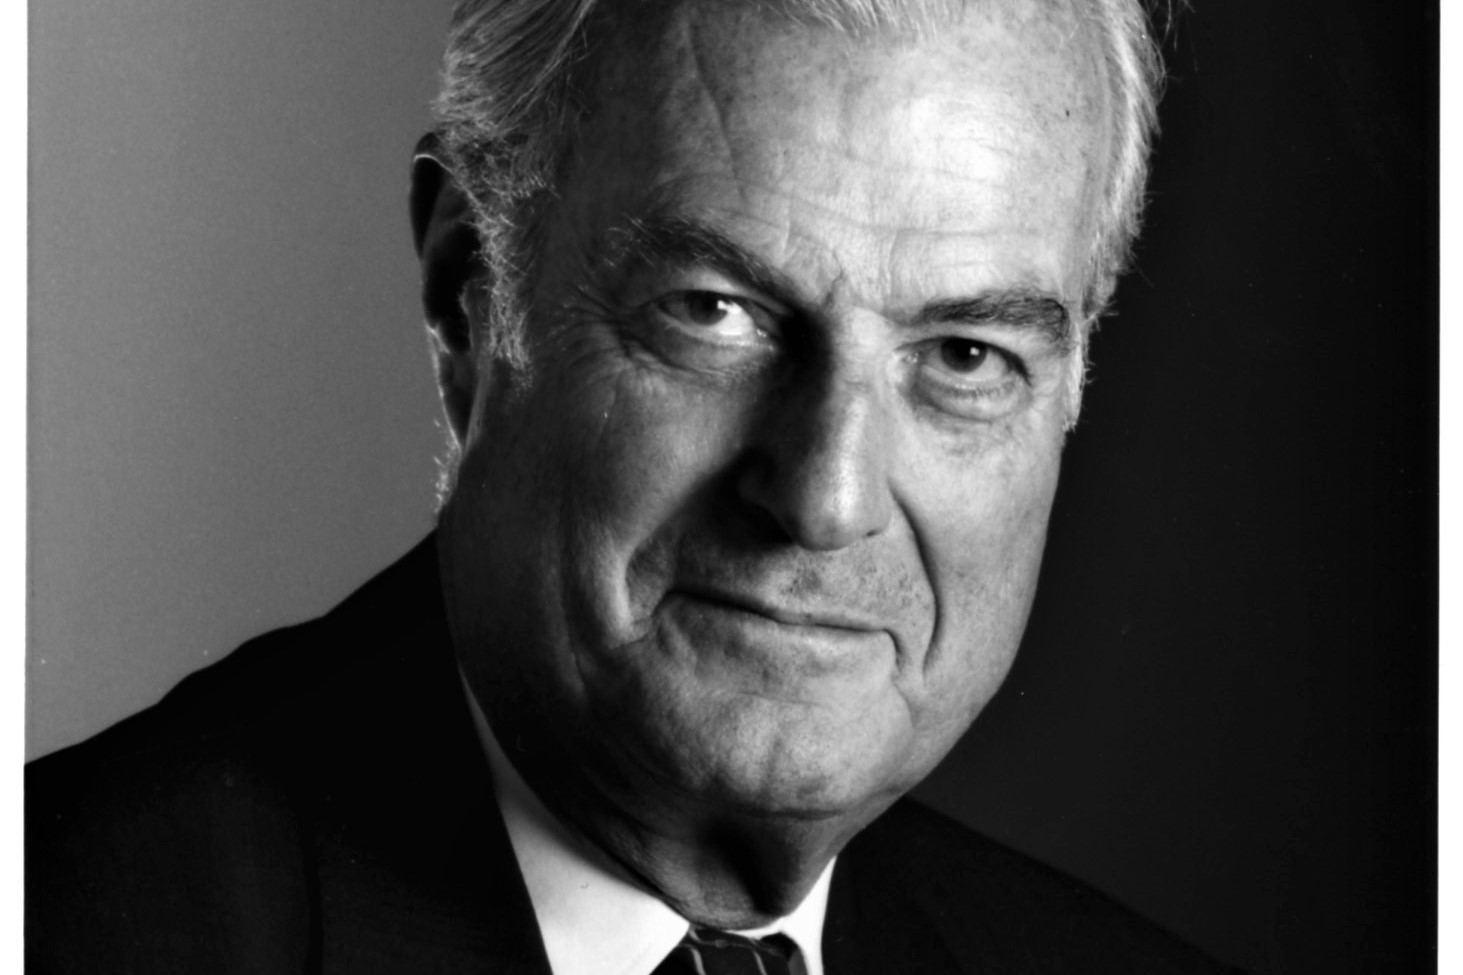 Ehemaliger Beiersdorf-Chef Hellmut Kruse verstorben